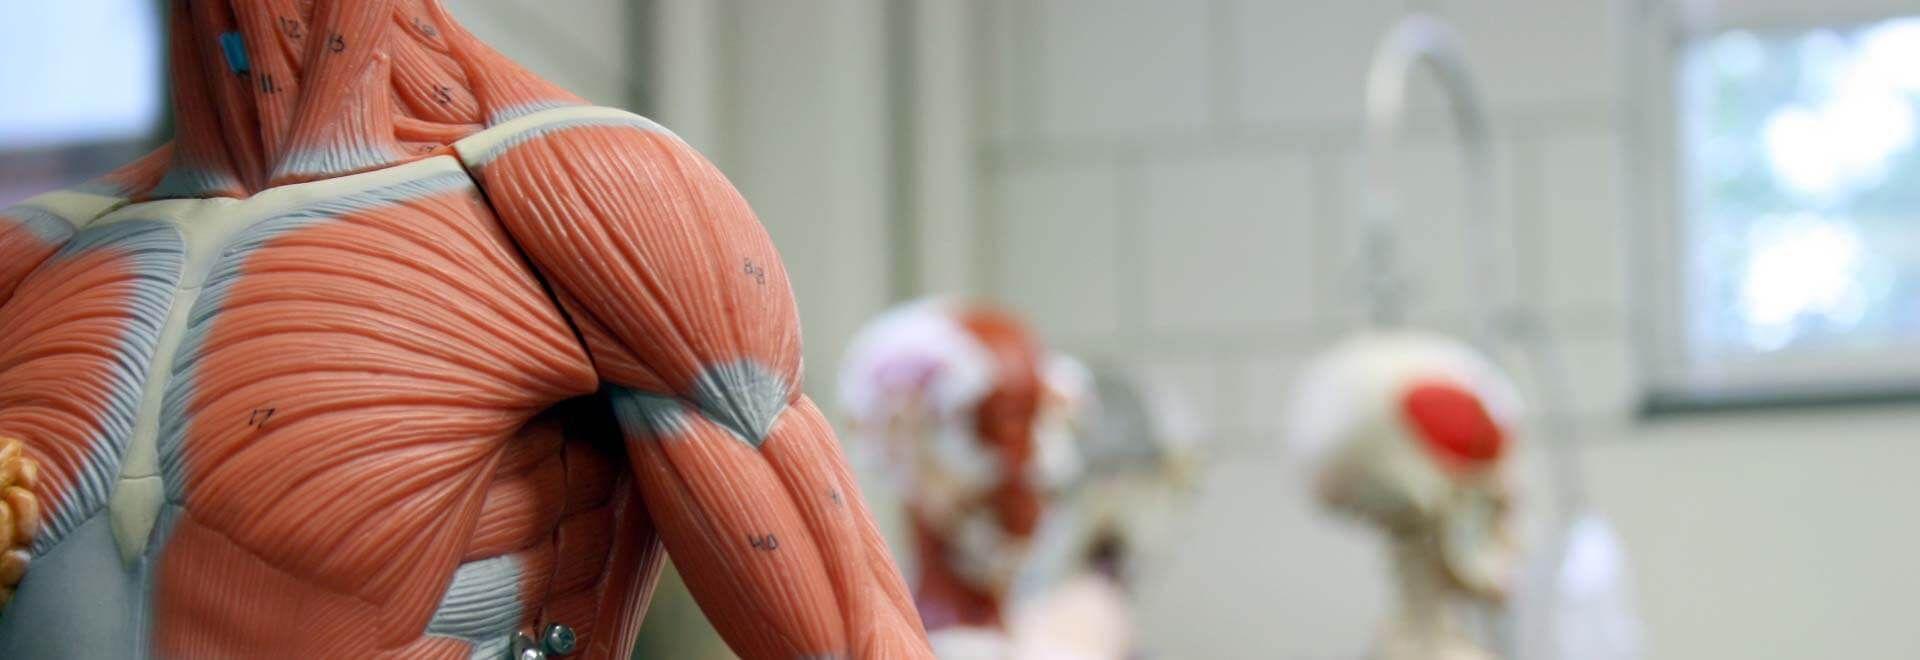 Anatomischer Aufbau des menschlichen Körpers